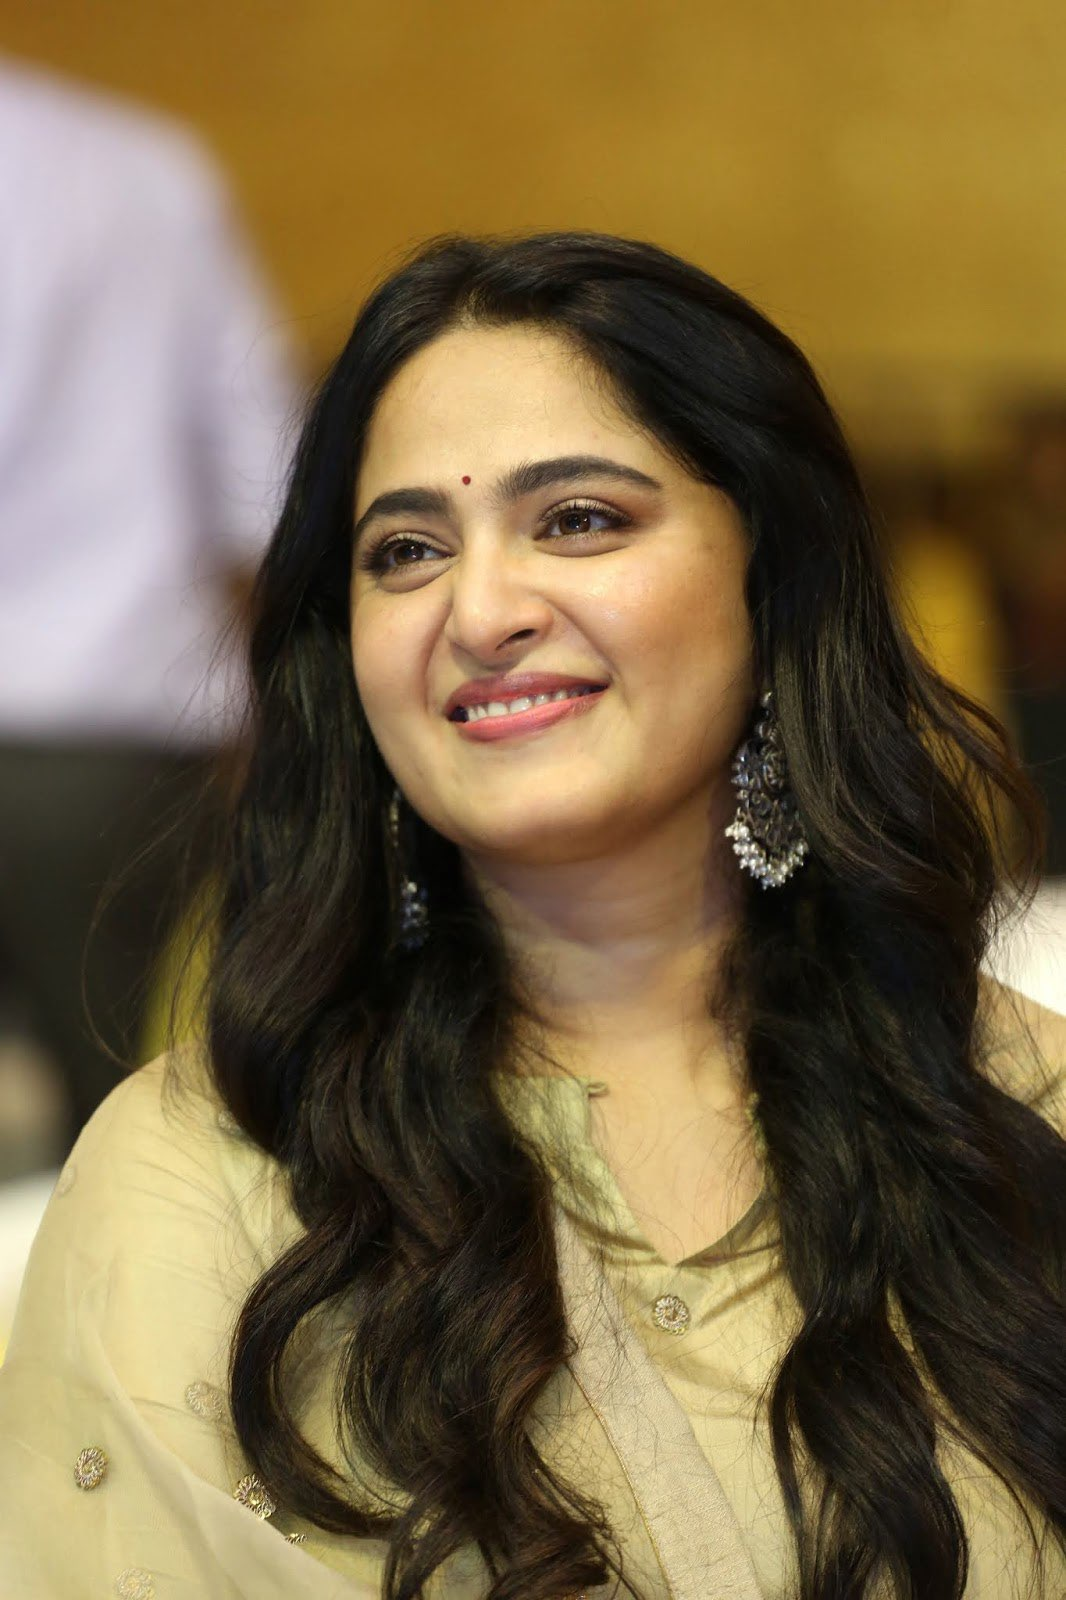 South Indian Actress Anushka Shetty Hot Photoshoot